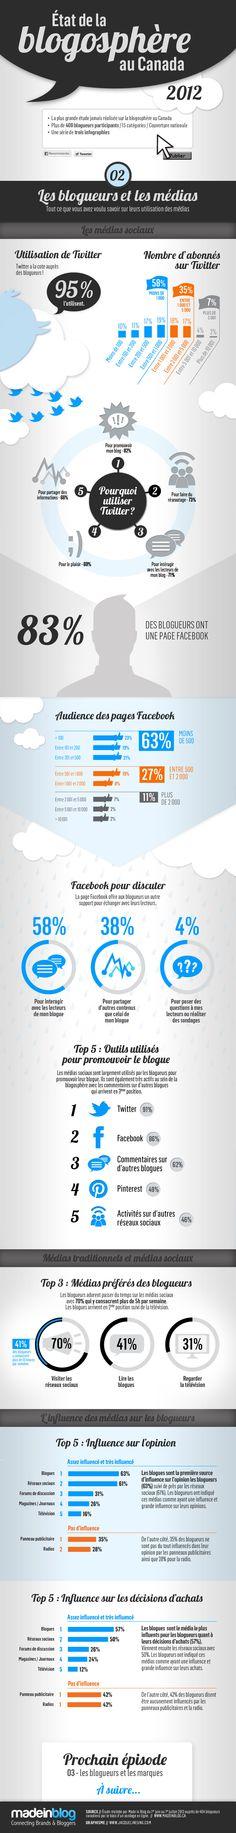 État de la blogosphère au Canada 2012 : Utilisation des médias par les blogueurs INFOGRAPHIE